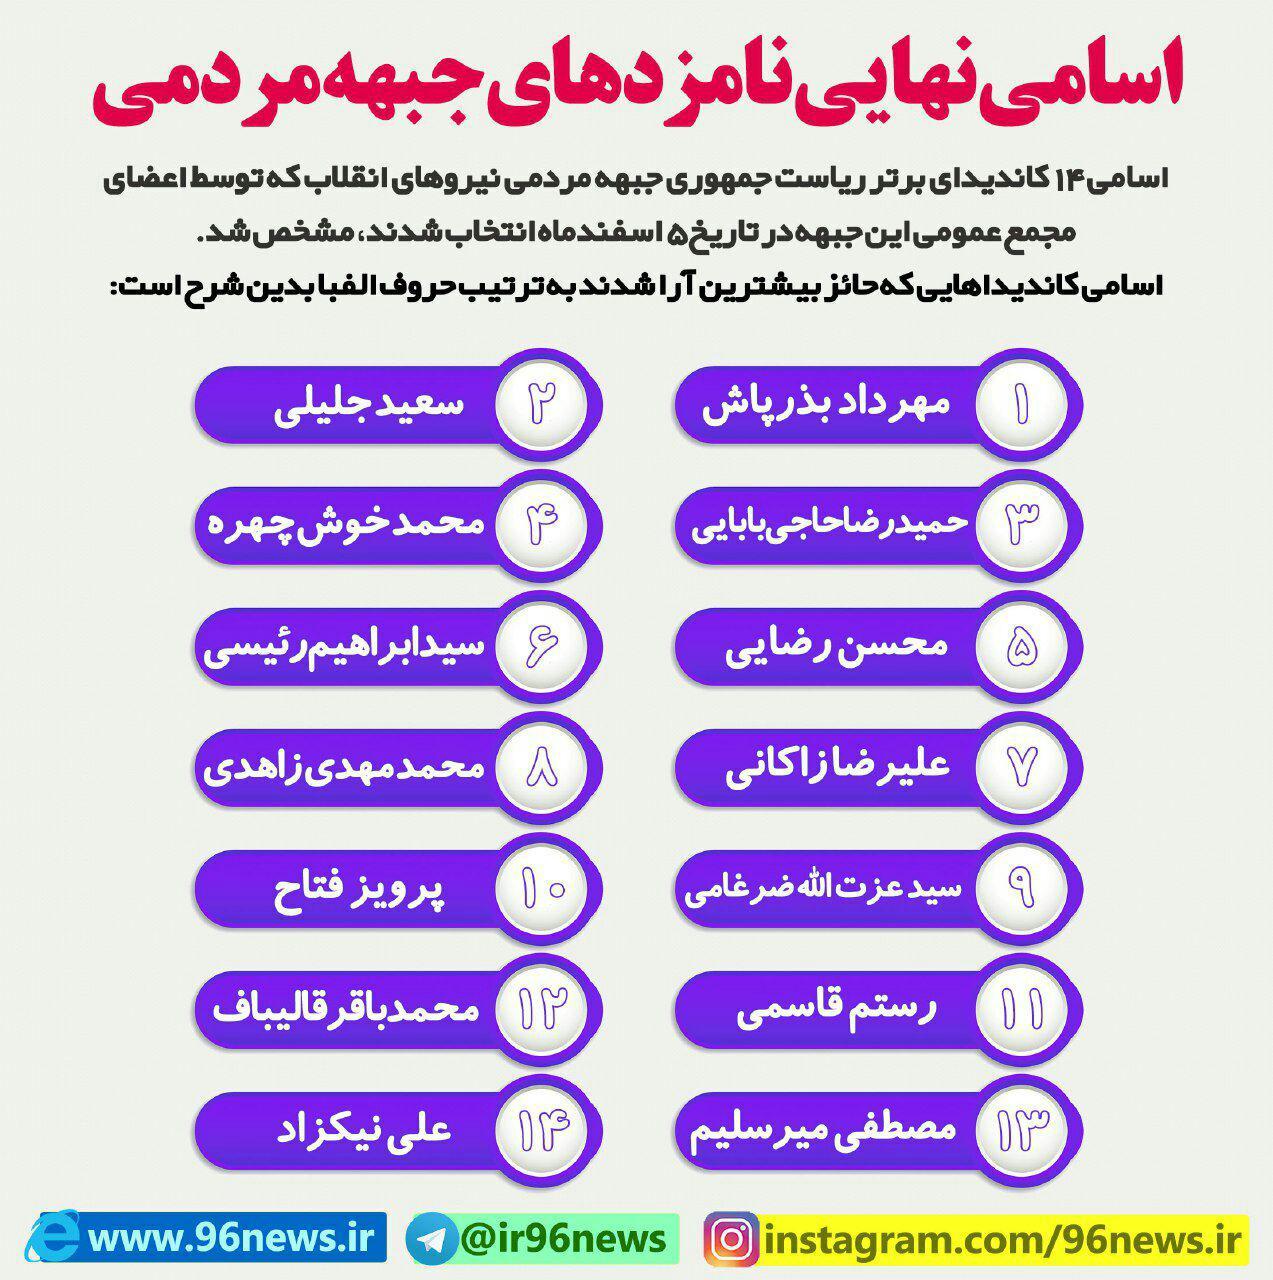 عکس نوشت اختصاصی ۹۶ نیوز: اسامی نهایی نامزدهای جبهه مردمی